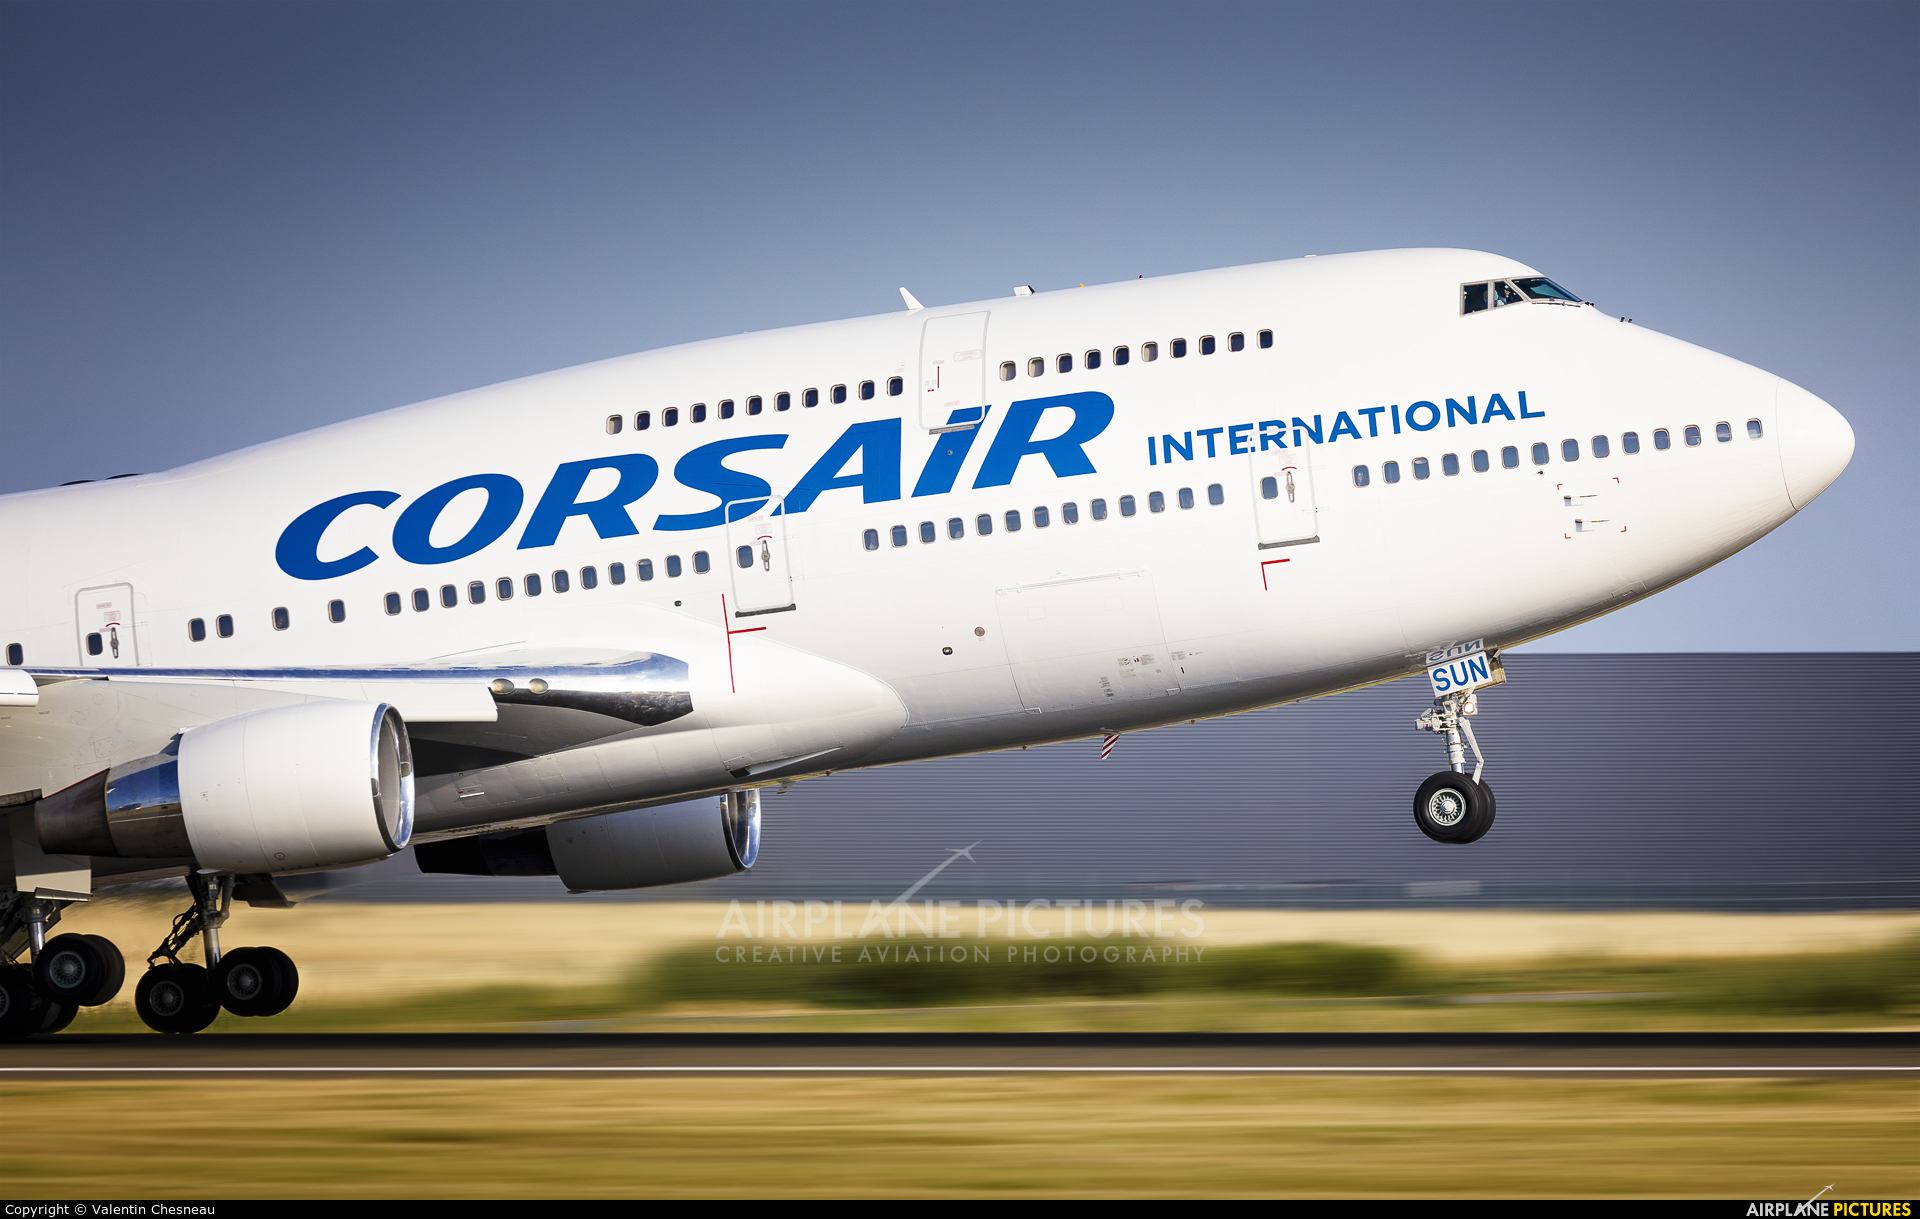 Corsair / Corsair Intl F-HSUN aircraft at Paris - Orly